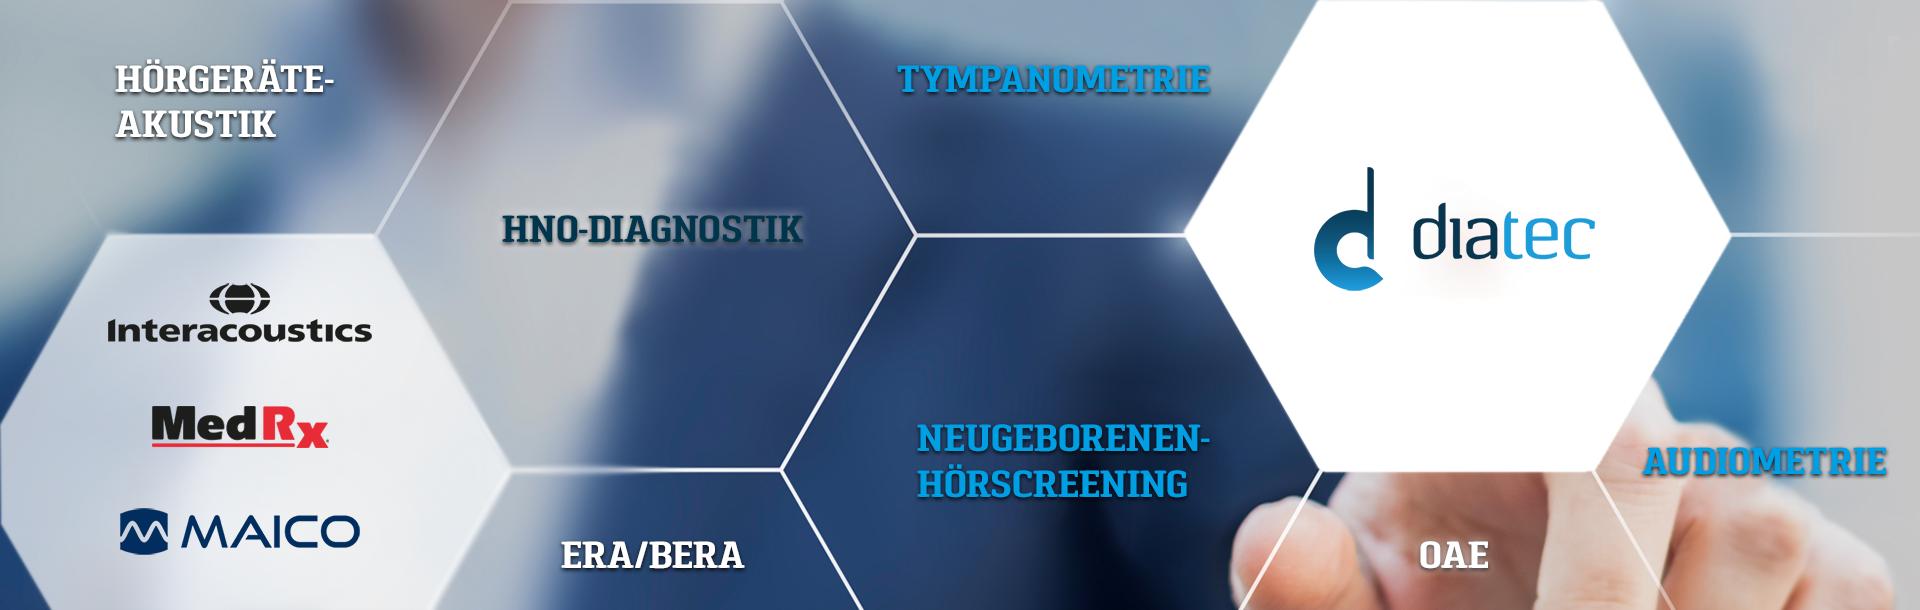 Diatec vertreibt Geräte für Hörscreening, Hördiagnostik und klinische Diagnostik